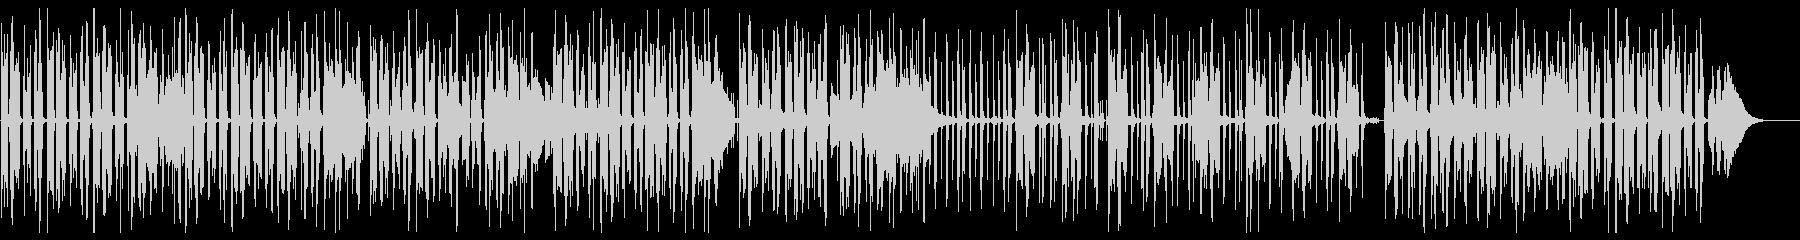 グルーヴ感のあるジャジーヒップホップの未再生の波形